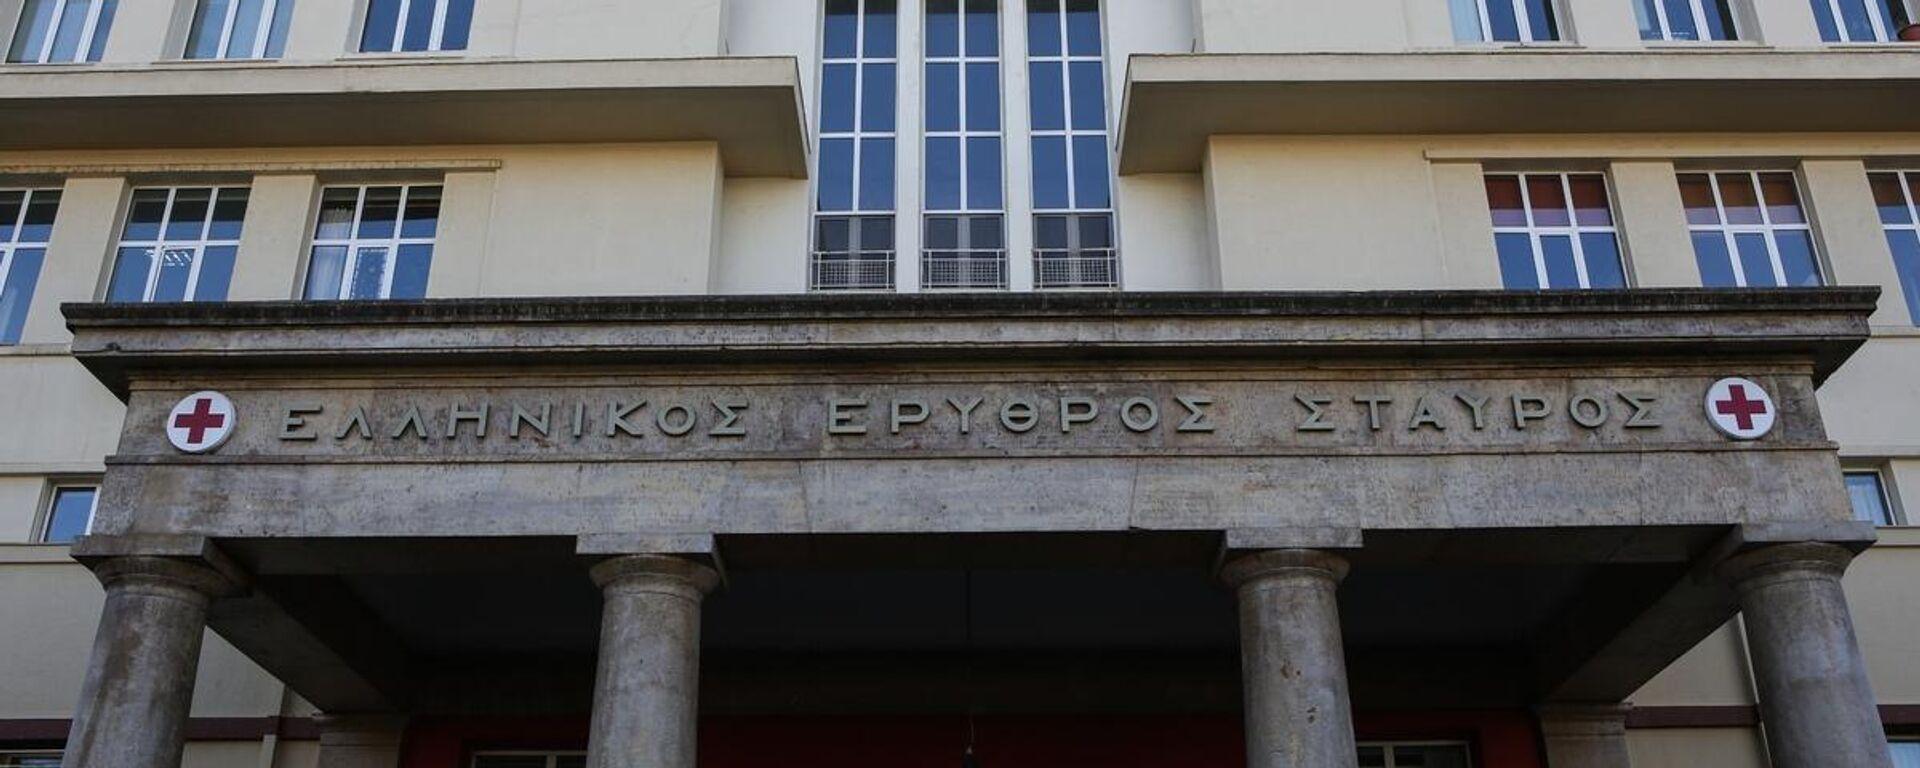 Νοσοκομείο Ερυθρός Σταυρός - Sputnik Ελλάδα, 1920, 04.08.2021